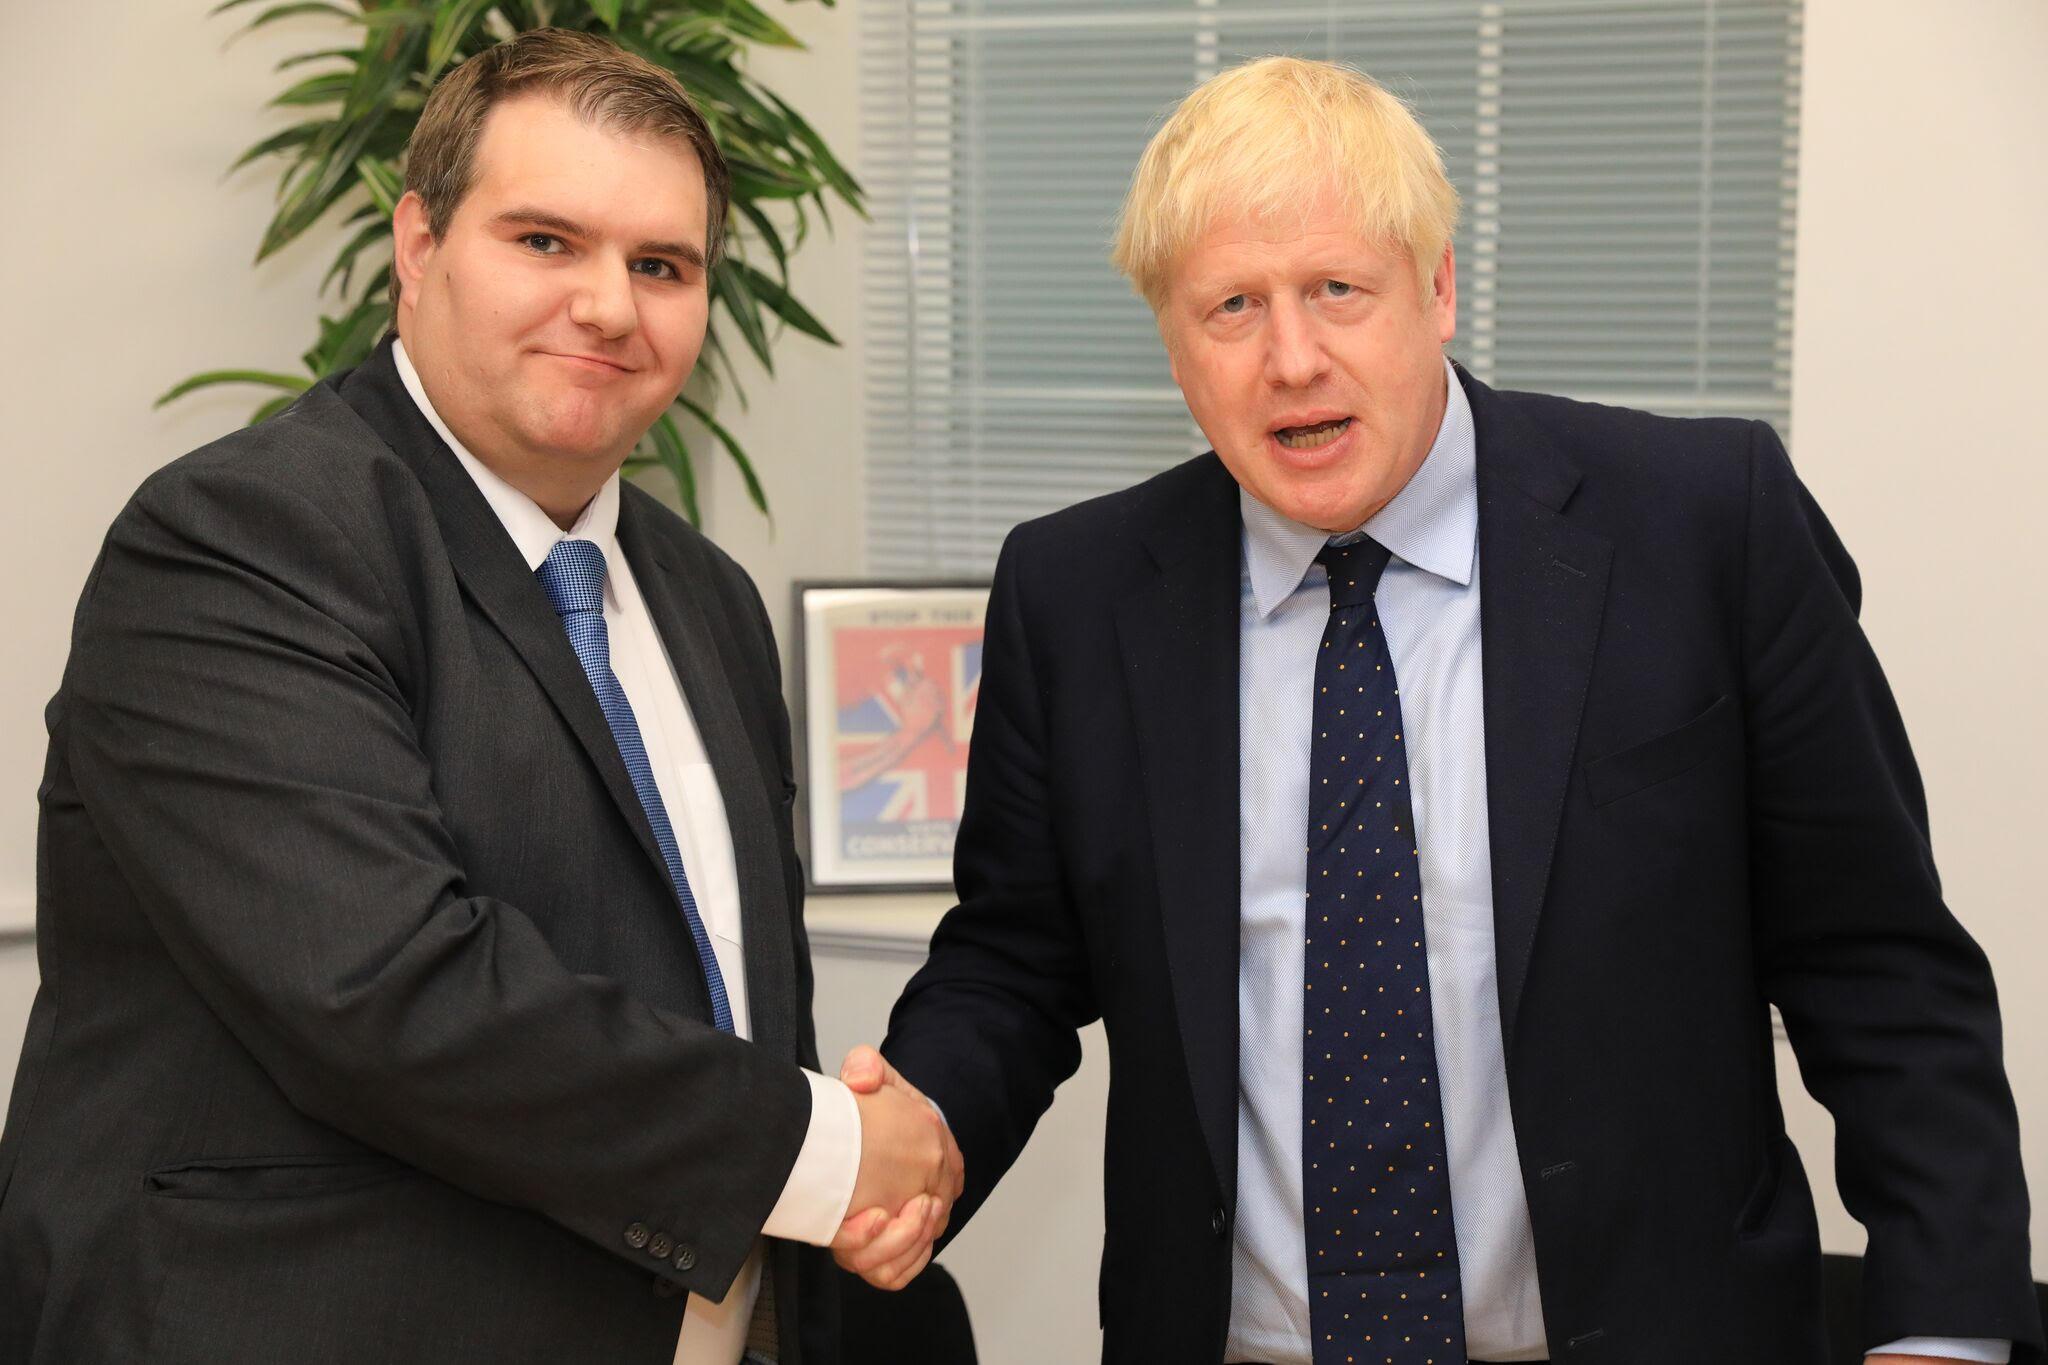 Jamie Wallis with Boris Johnson